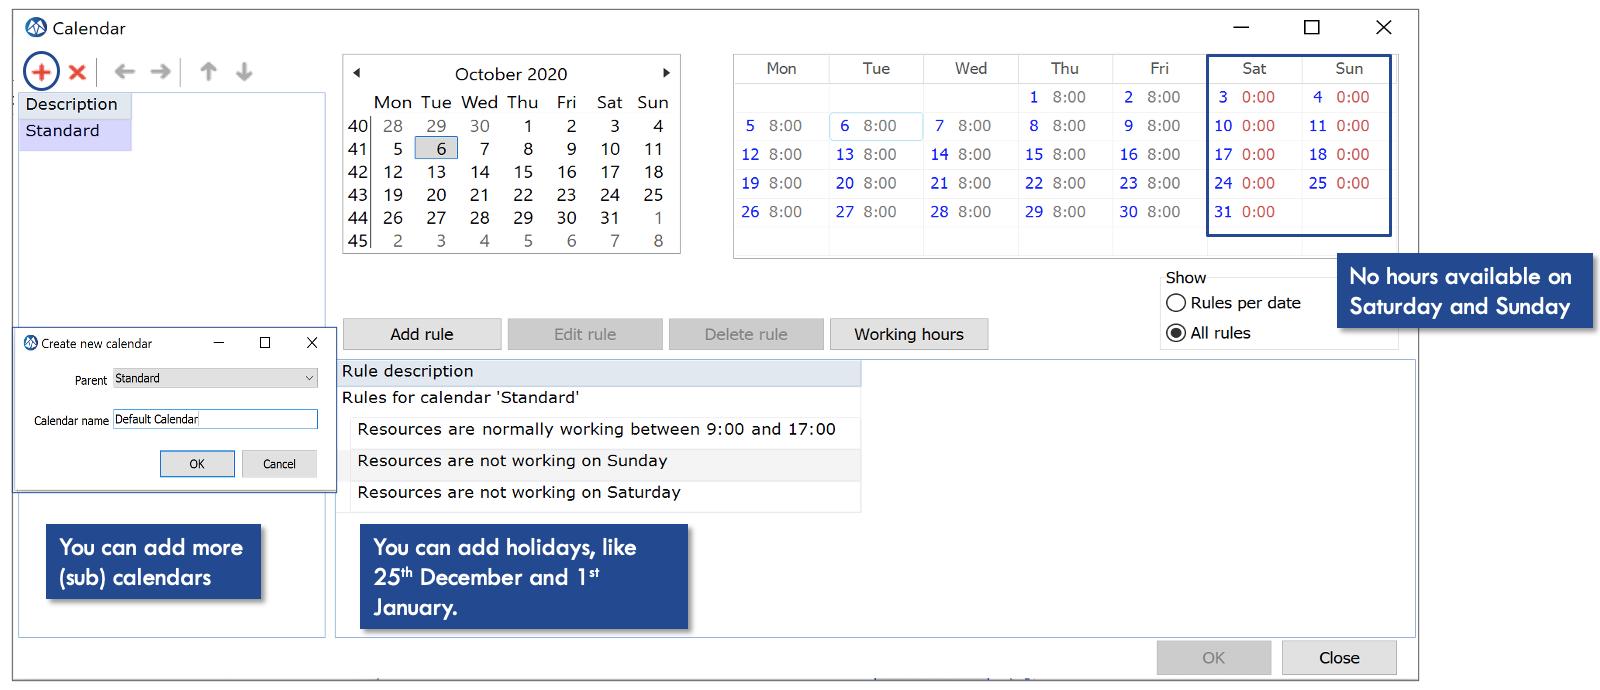 Screenshot_2020-10-16_at_12.21.30.png